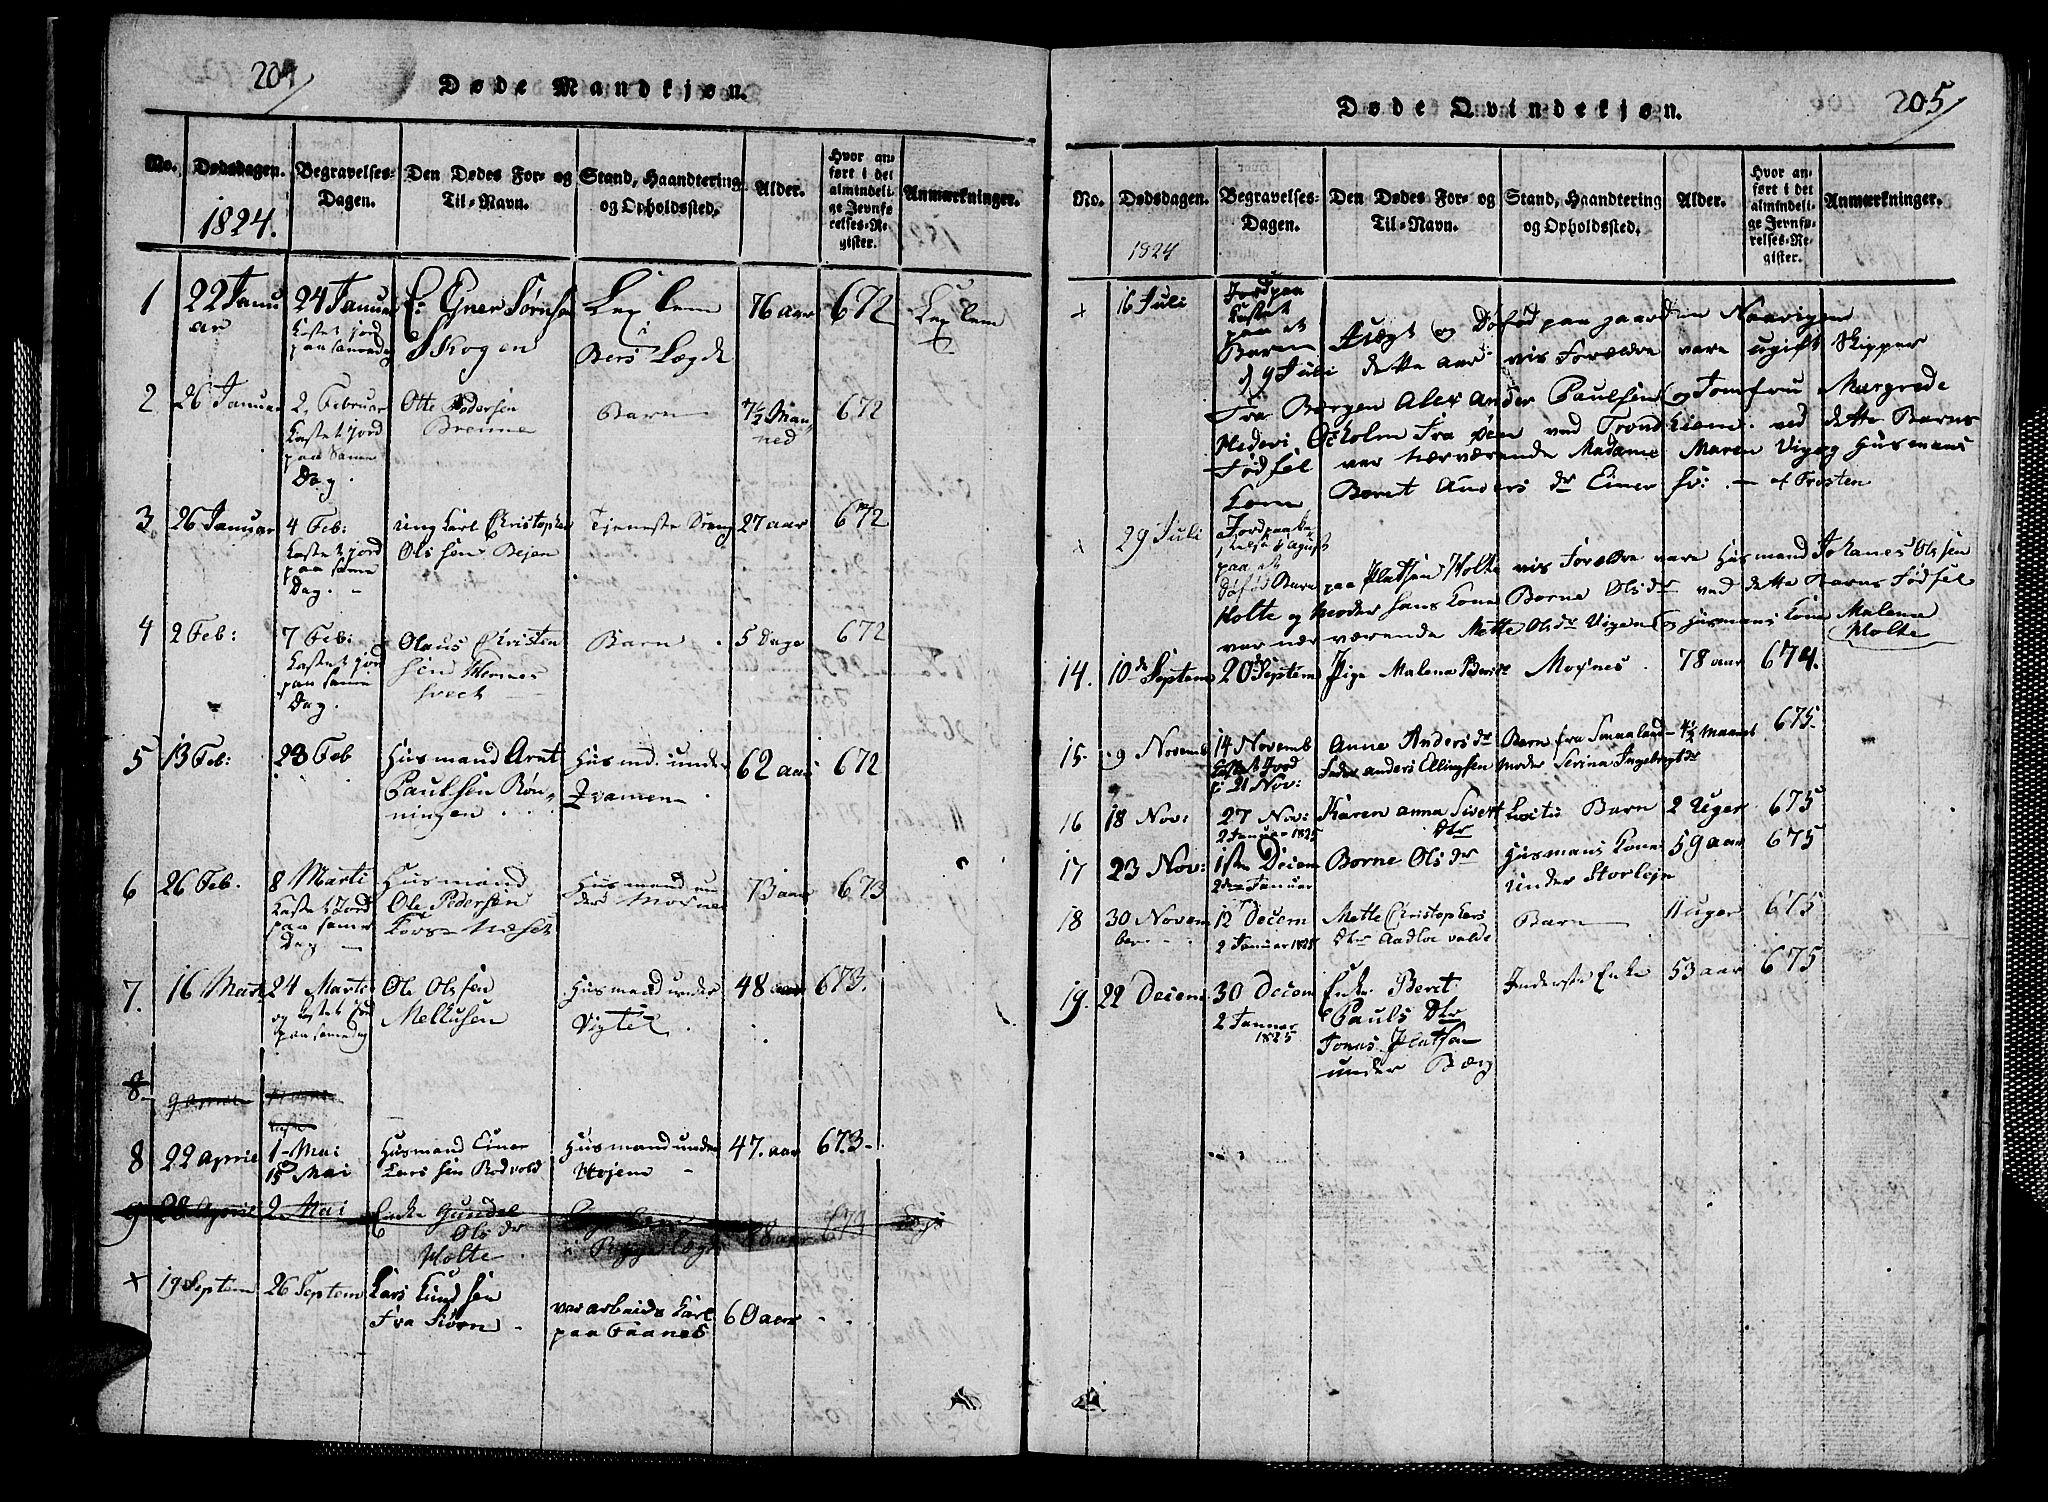 SAT, Ministerialprotokoller, klokkerbøker og fødselsregistre - Nord-Trøndelag, 713/L0124: Klokkerbok nr. 713C01, 1817-1827, s. 204-205